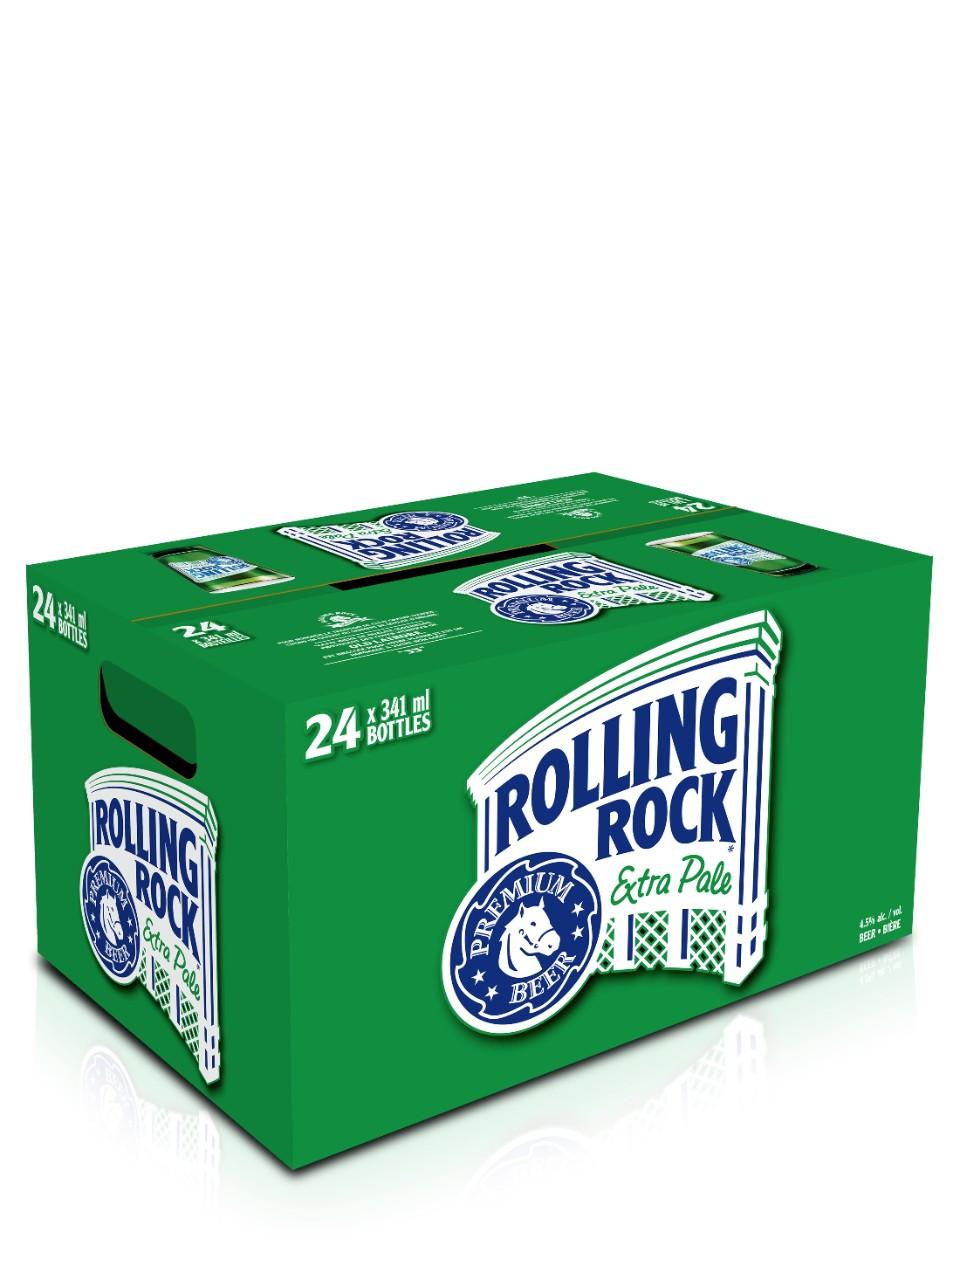 Rolling rock  24 x 341 ml bottle